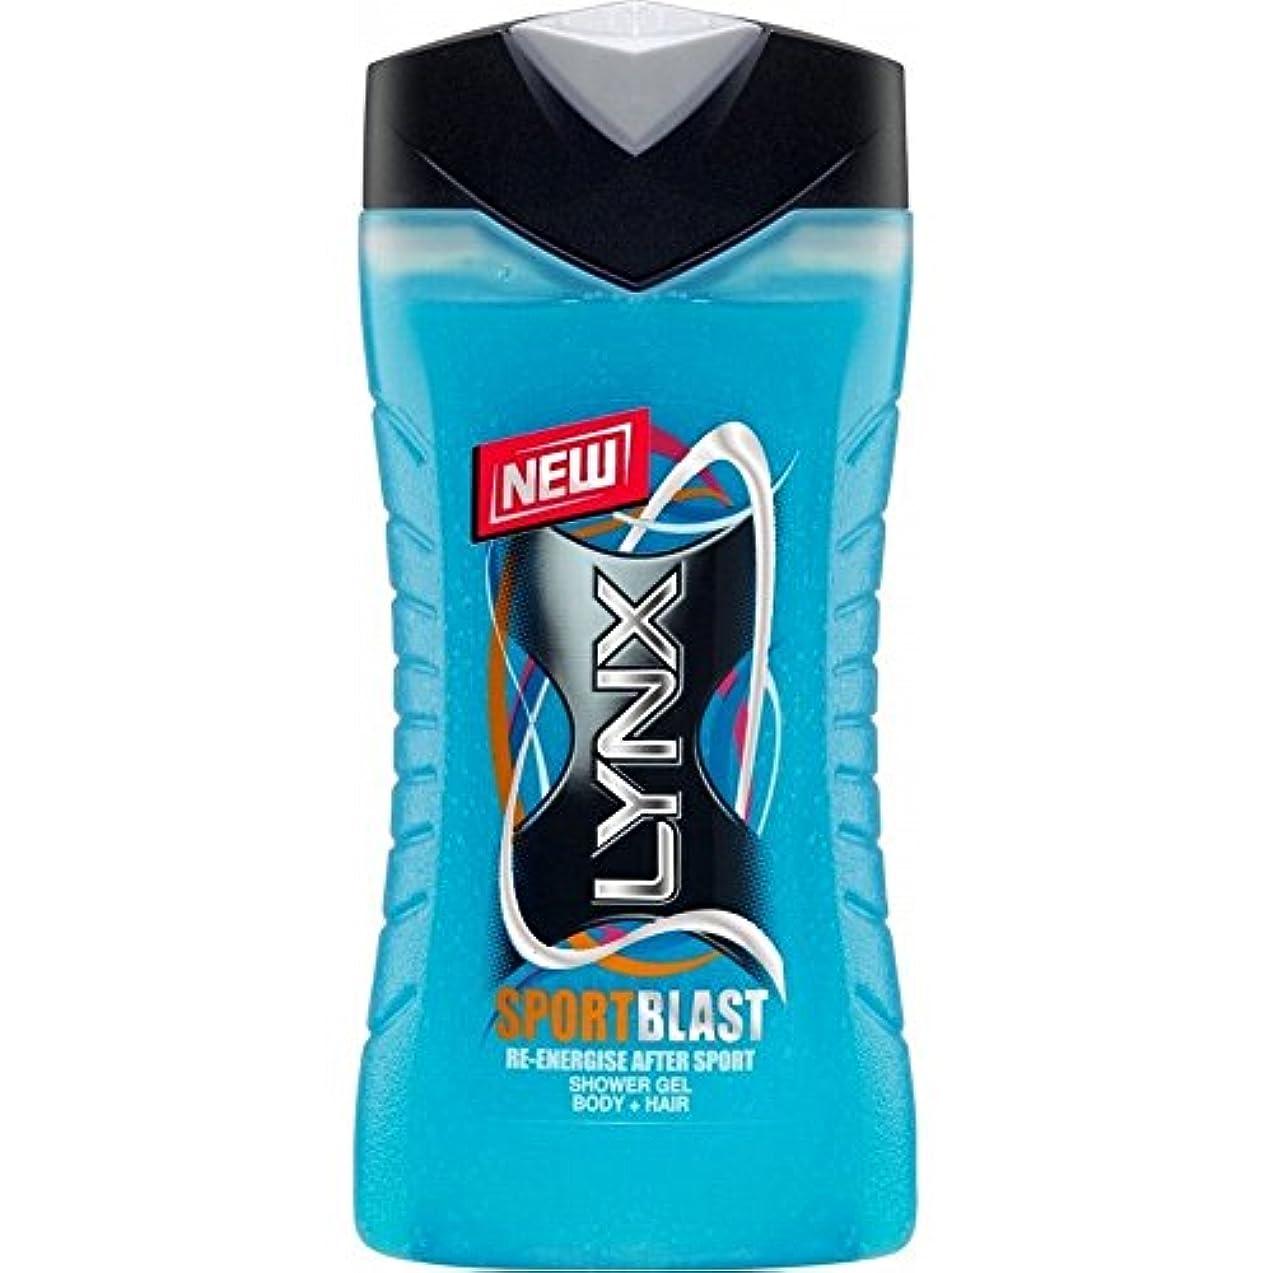 証言複雑でない戻すLynx Body & Hair Shower Gel - Sport Blast (250ml) オオヤマネコボディ、ヘアシャワージェル - スポーツブラスト( 250ミリリットル) [並行輸入品]